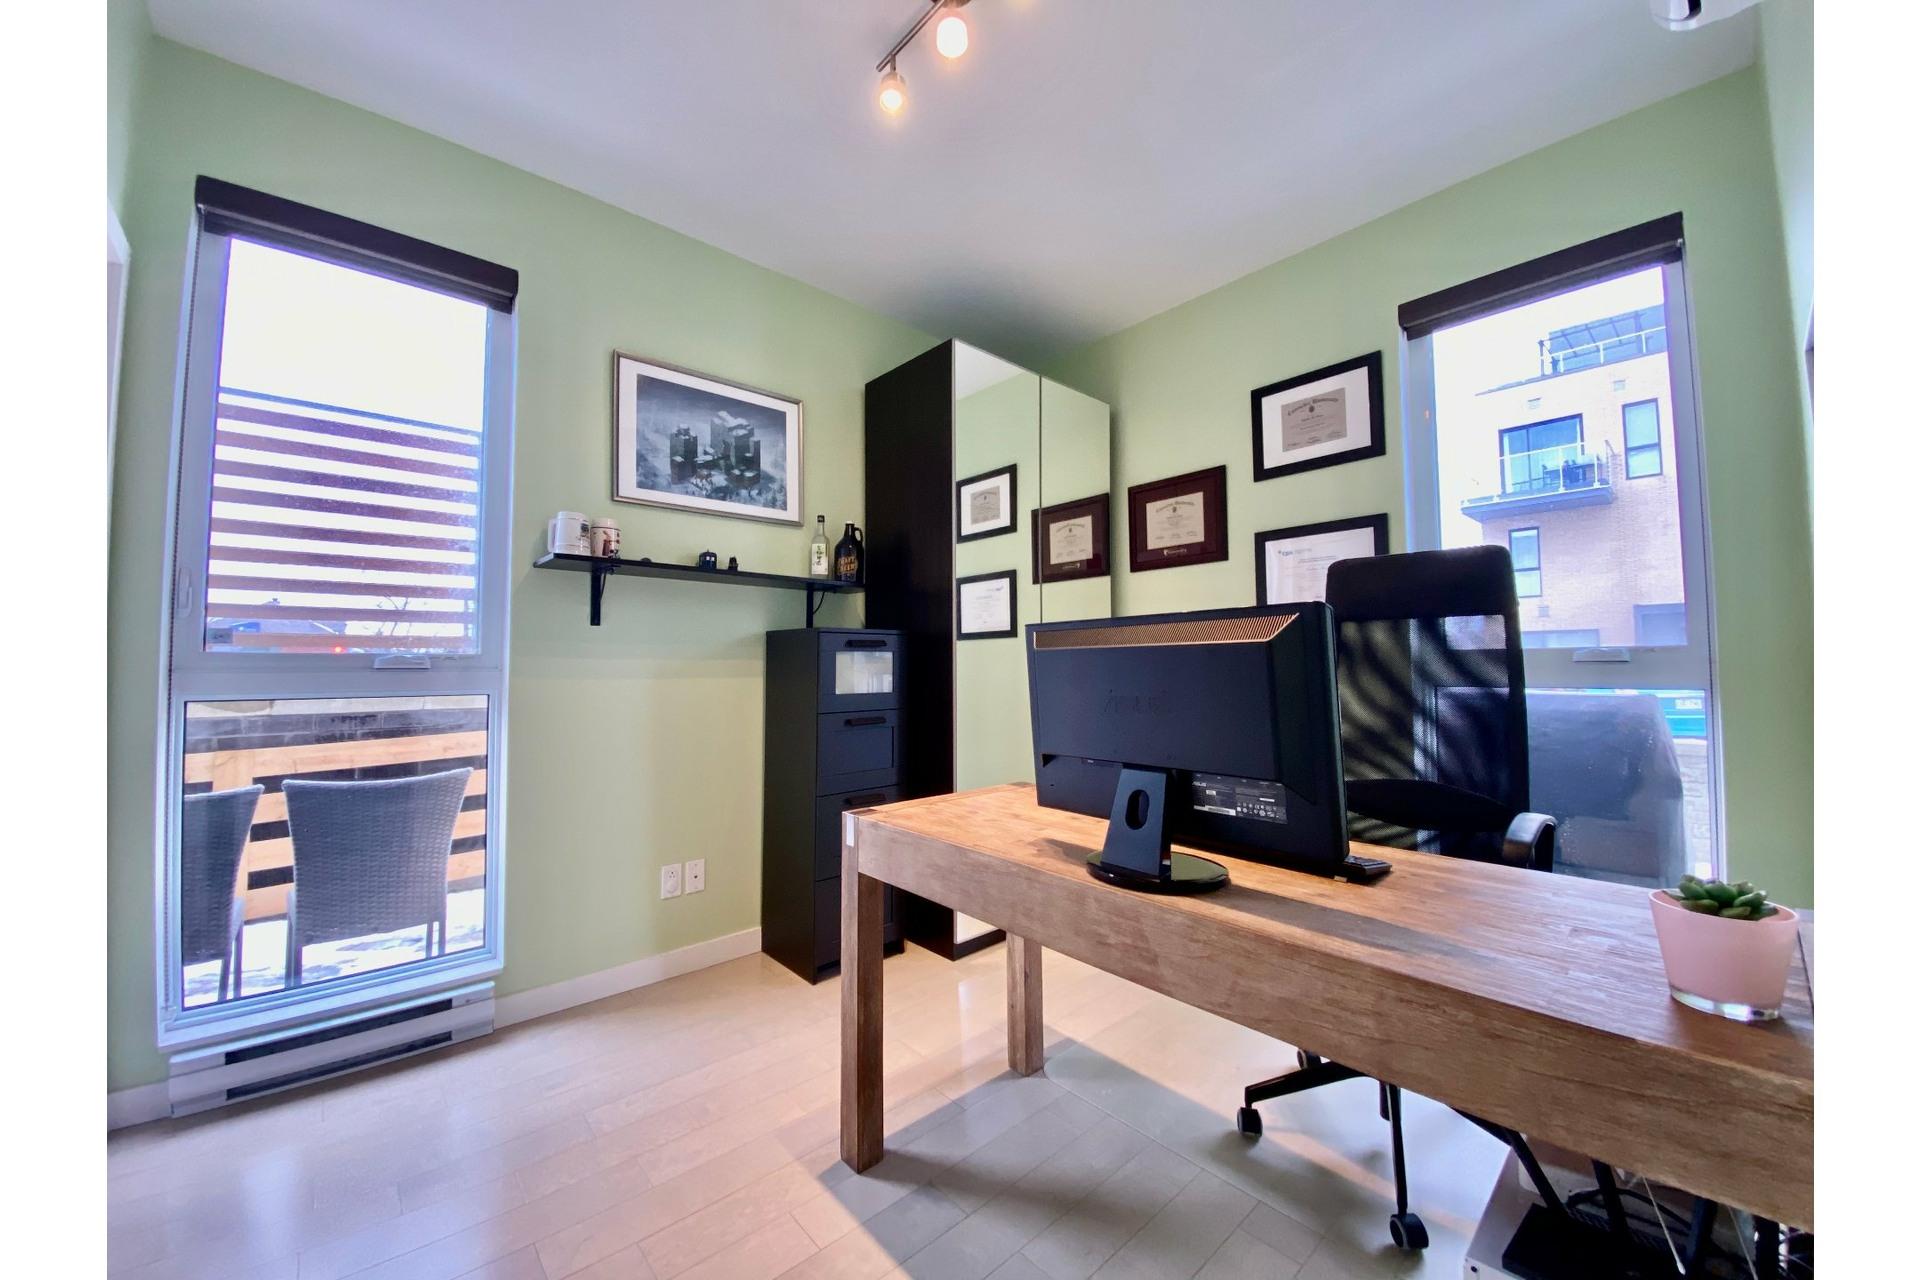 image 12 - Appartement À vendre Lachine Montréal  - 8 pièces